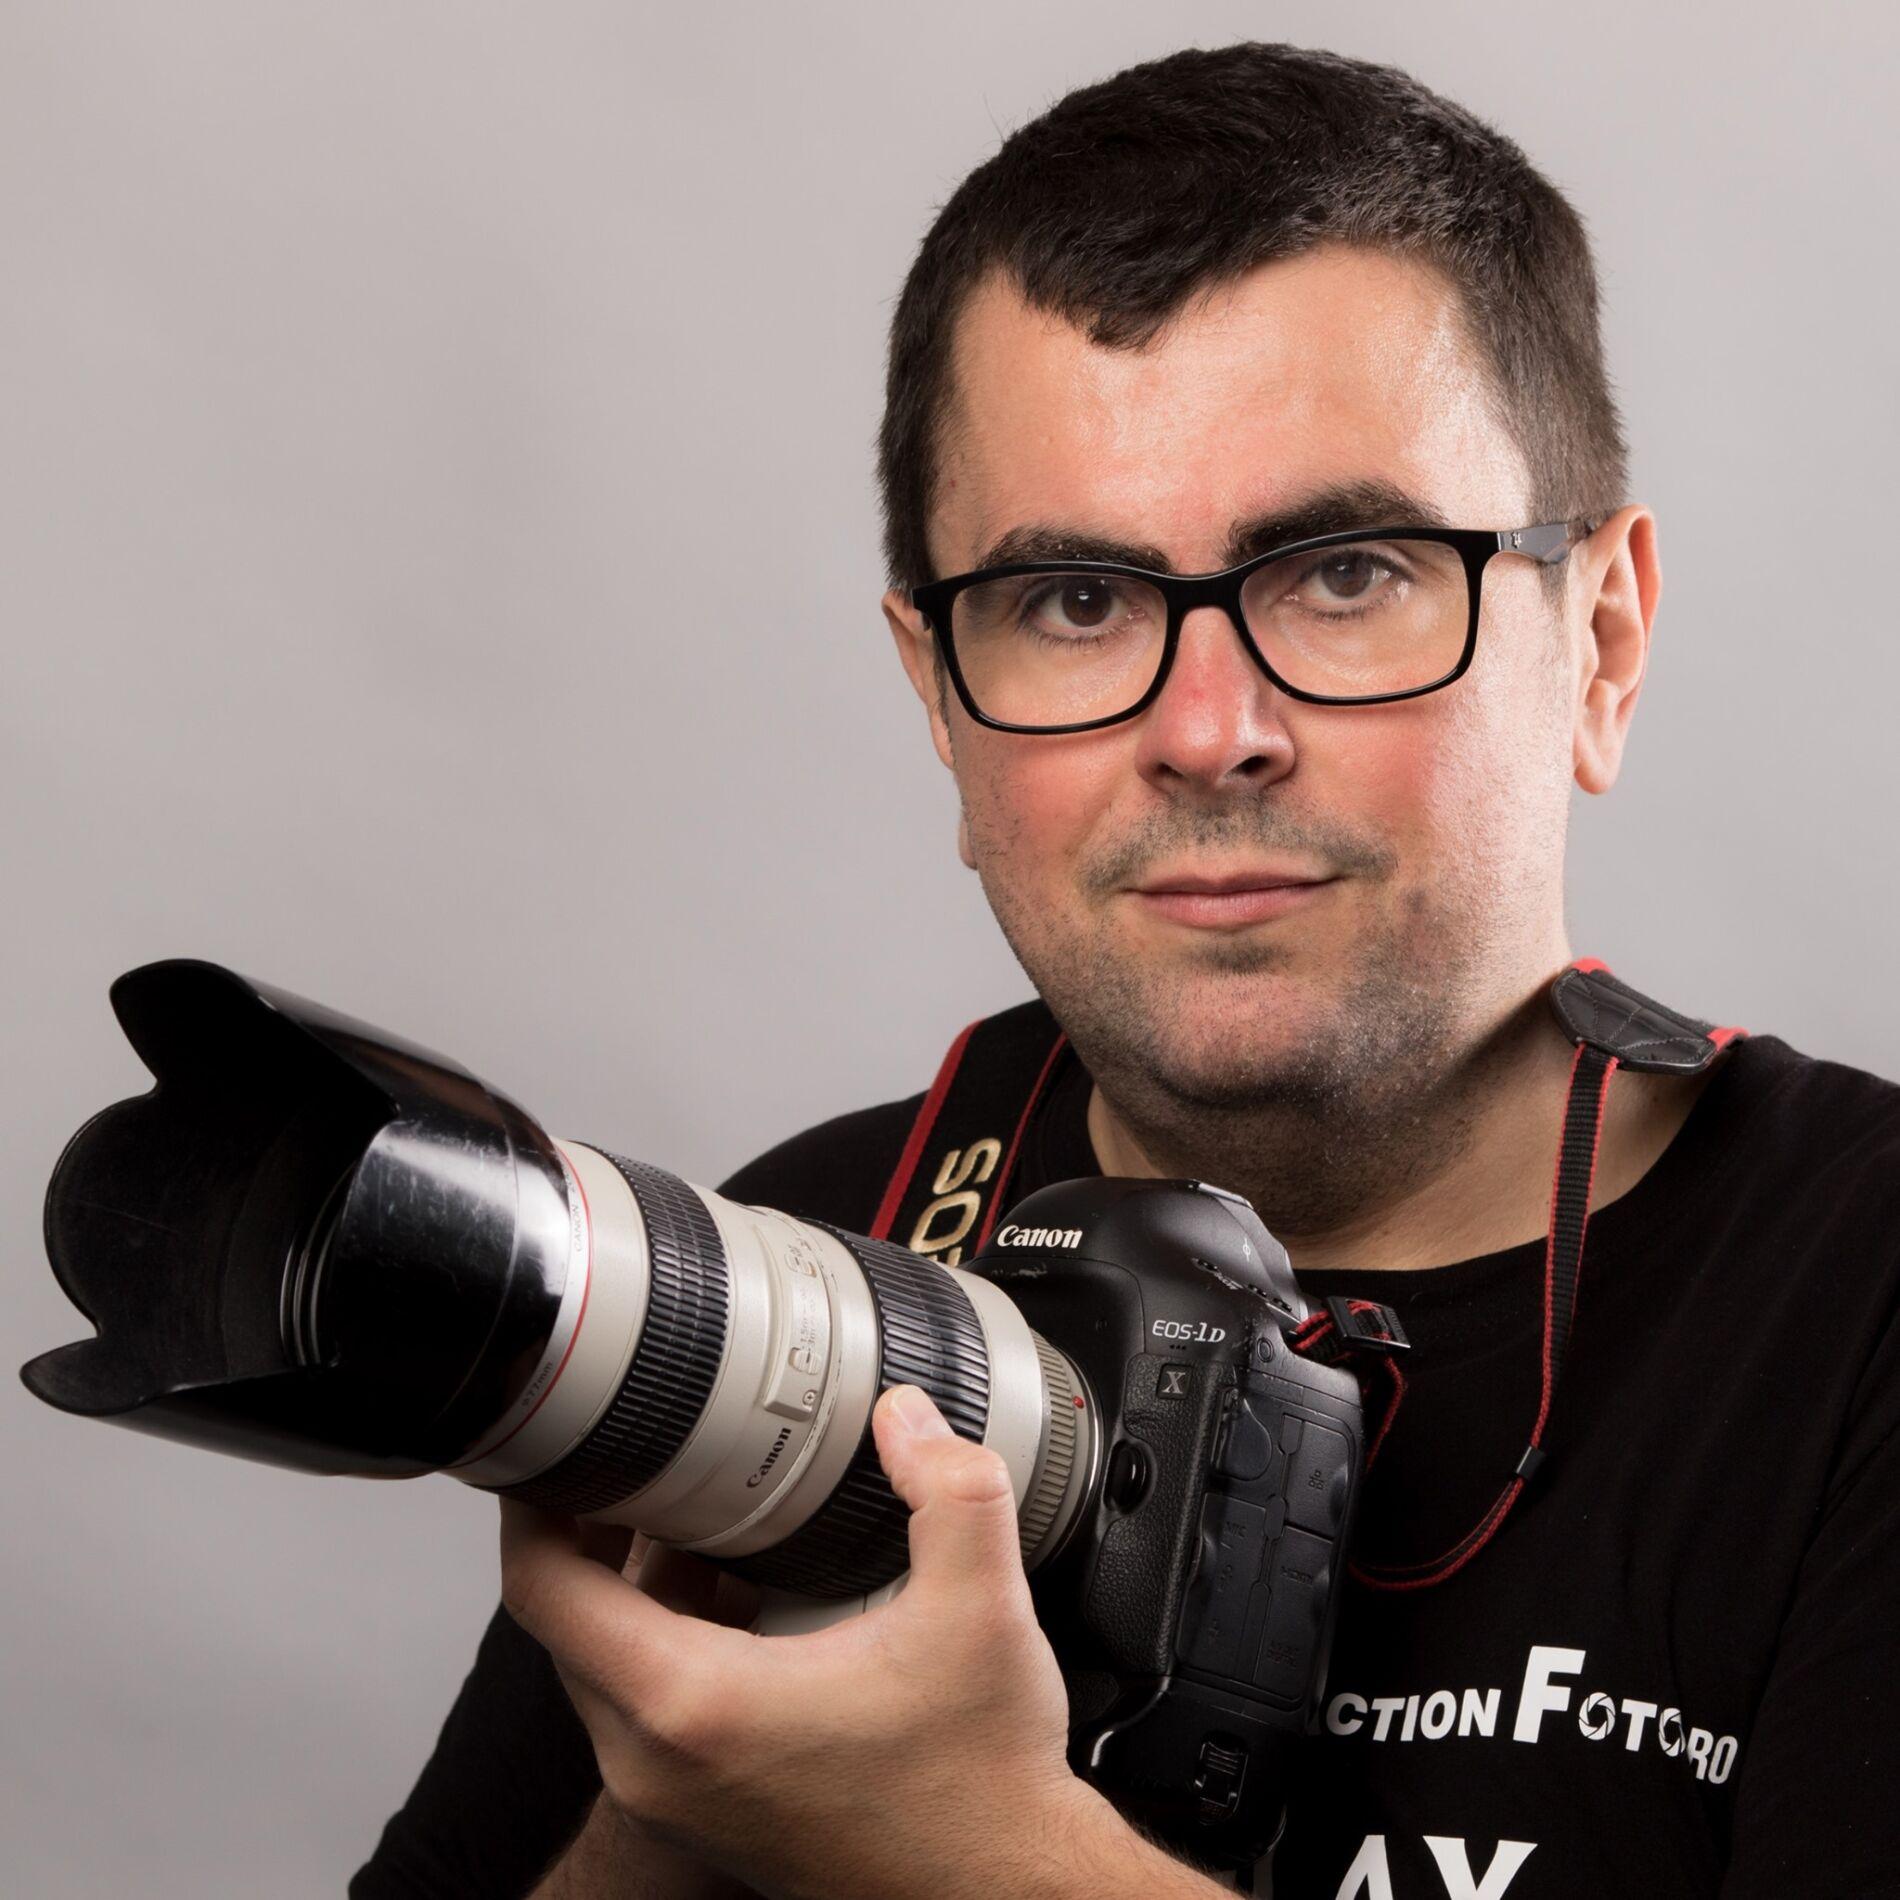 O nouă inimă pentru un jurnalist clujean. Medicii din Târgu Mureș i-au salvat viața